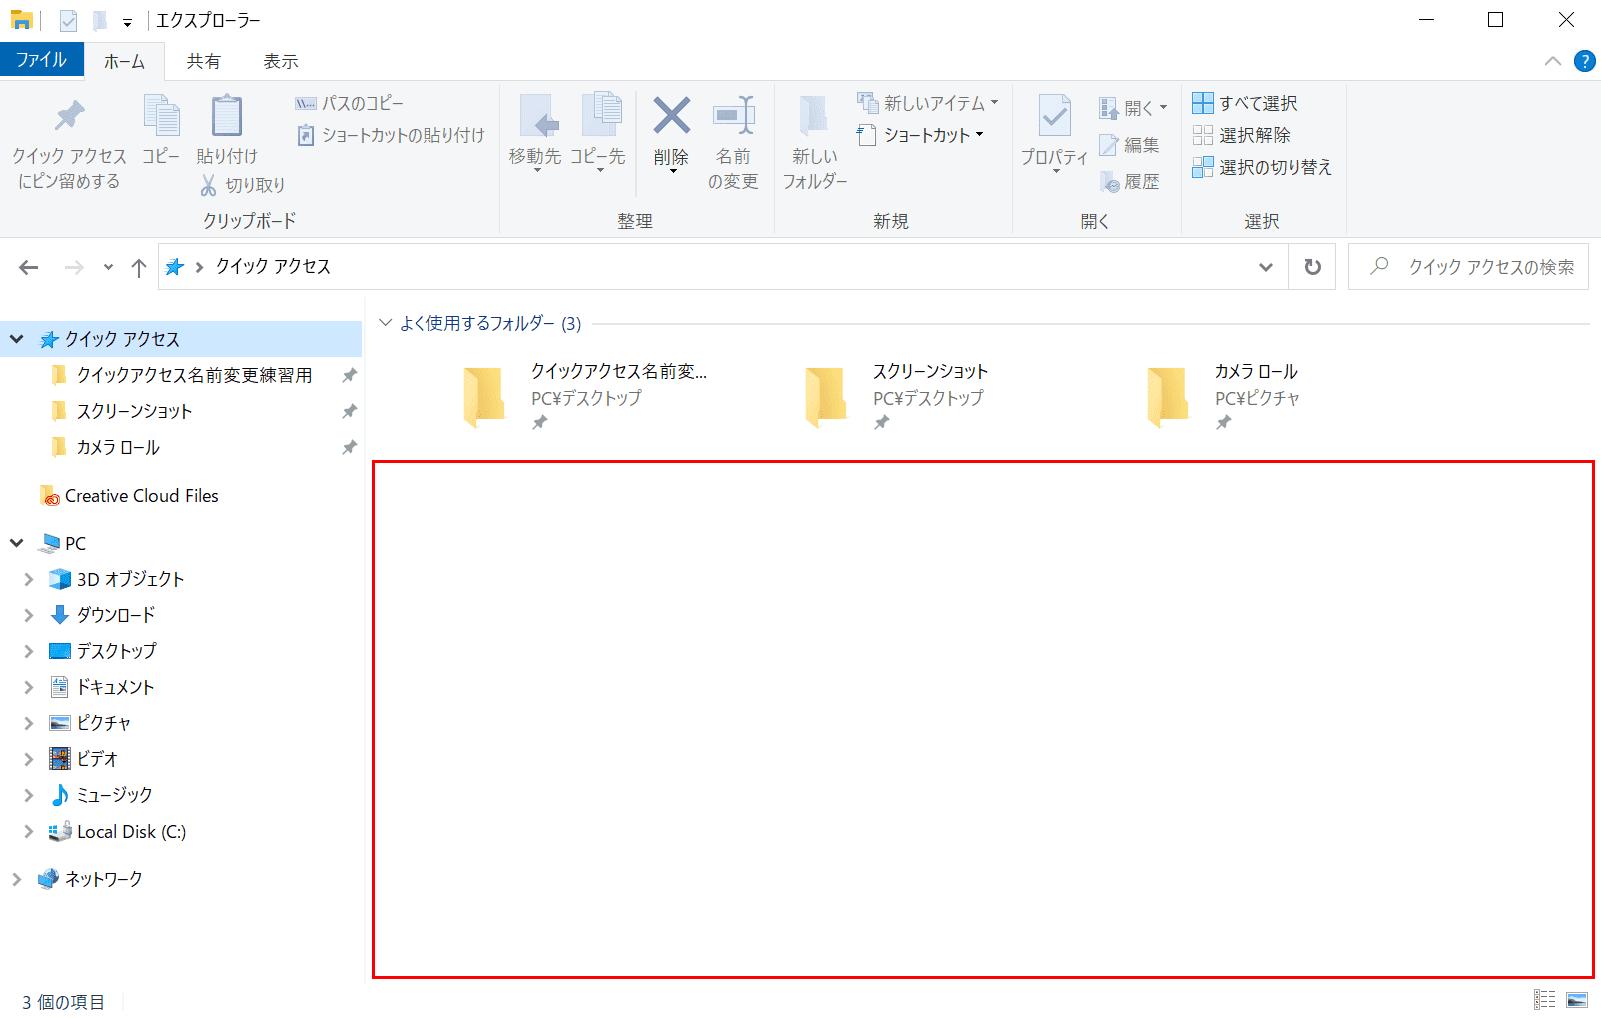 最近使用したファイルの一覧